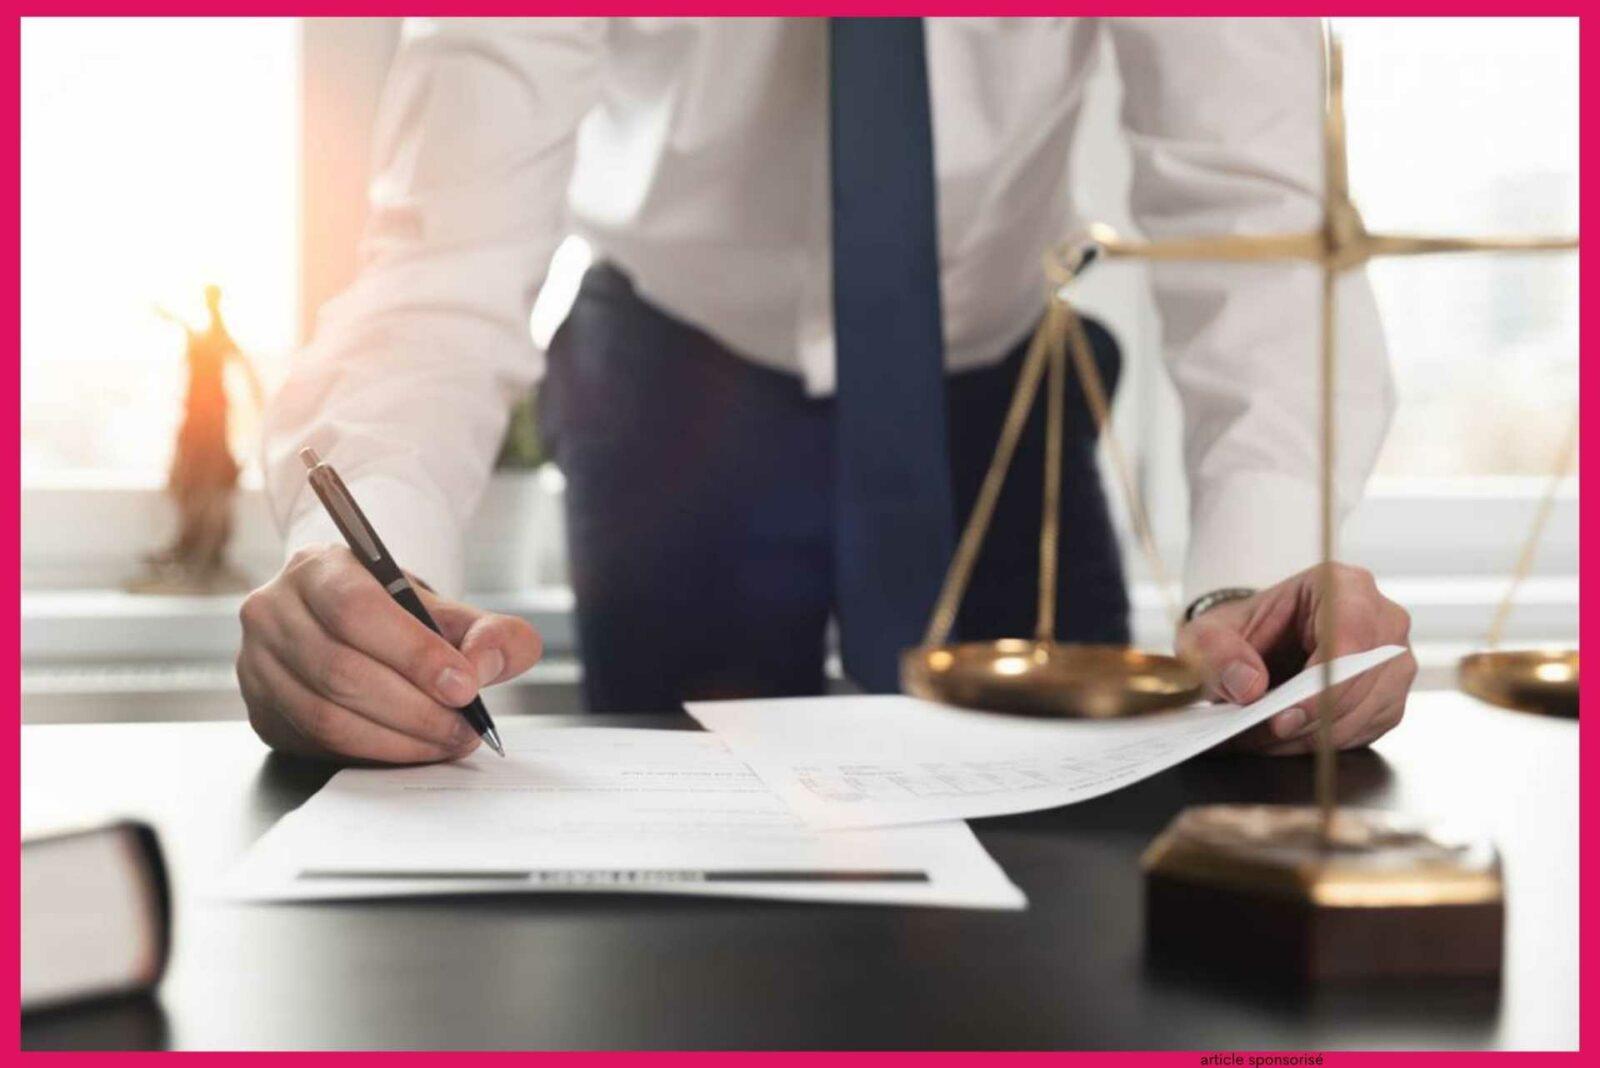 Quelle assurance choisir pour se protéger juridiquement ?